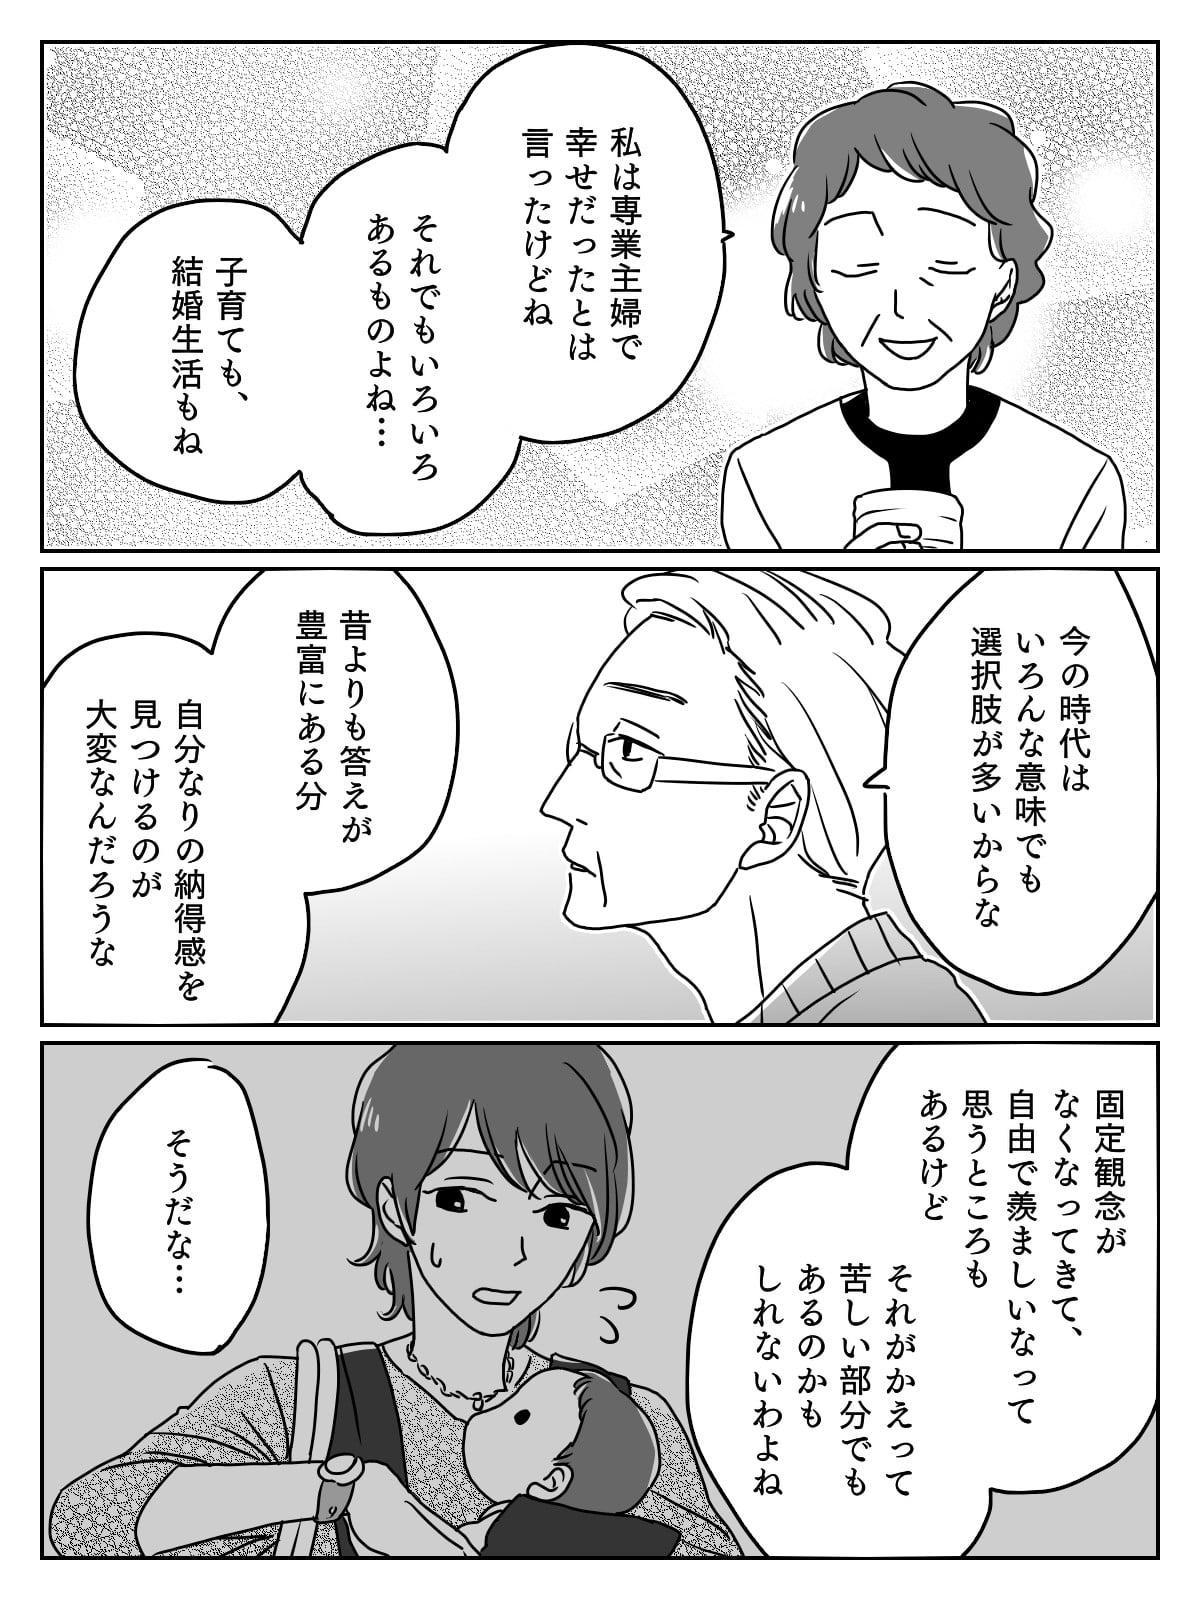 nakamon_2020-03-27_蟾ョ縺玲崛縺・辷カ豈咲キィ03